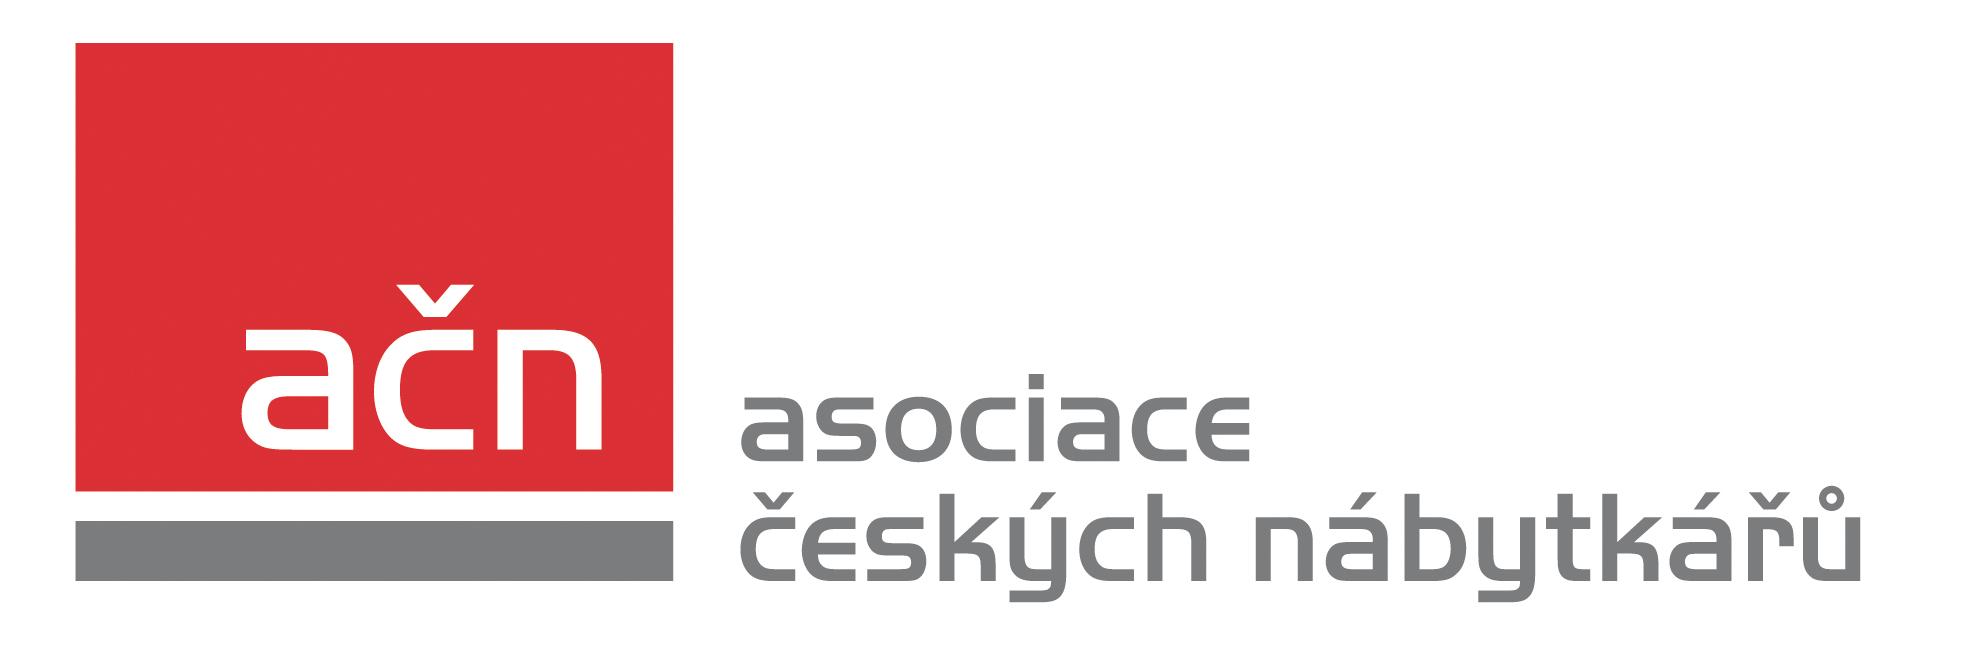 AČN | Tiskové zprávy | Loga ke stažení | Asociace českých nábytkářů